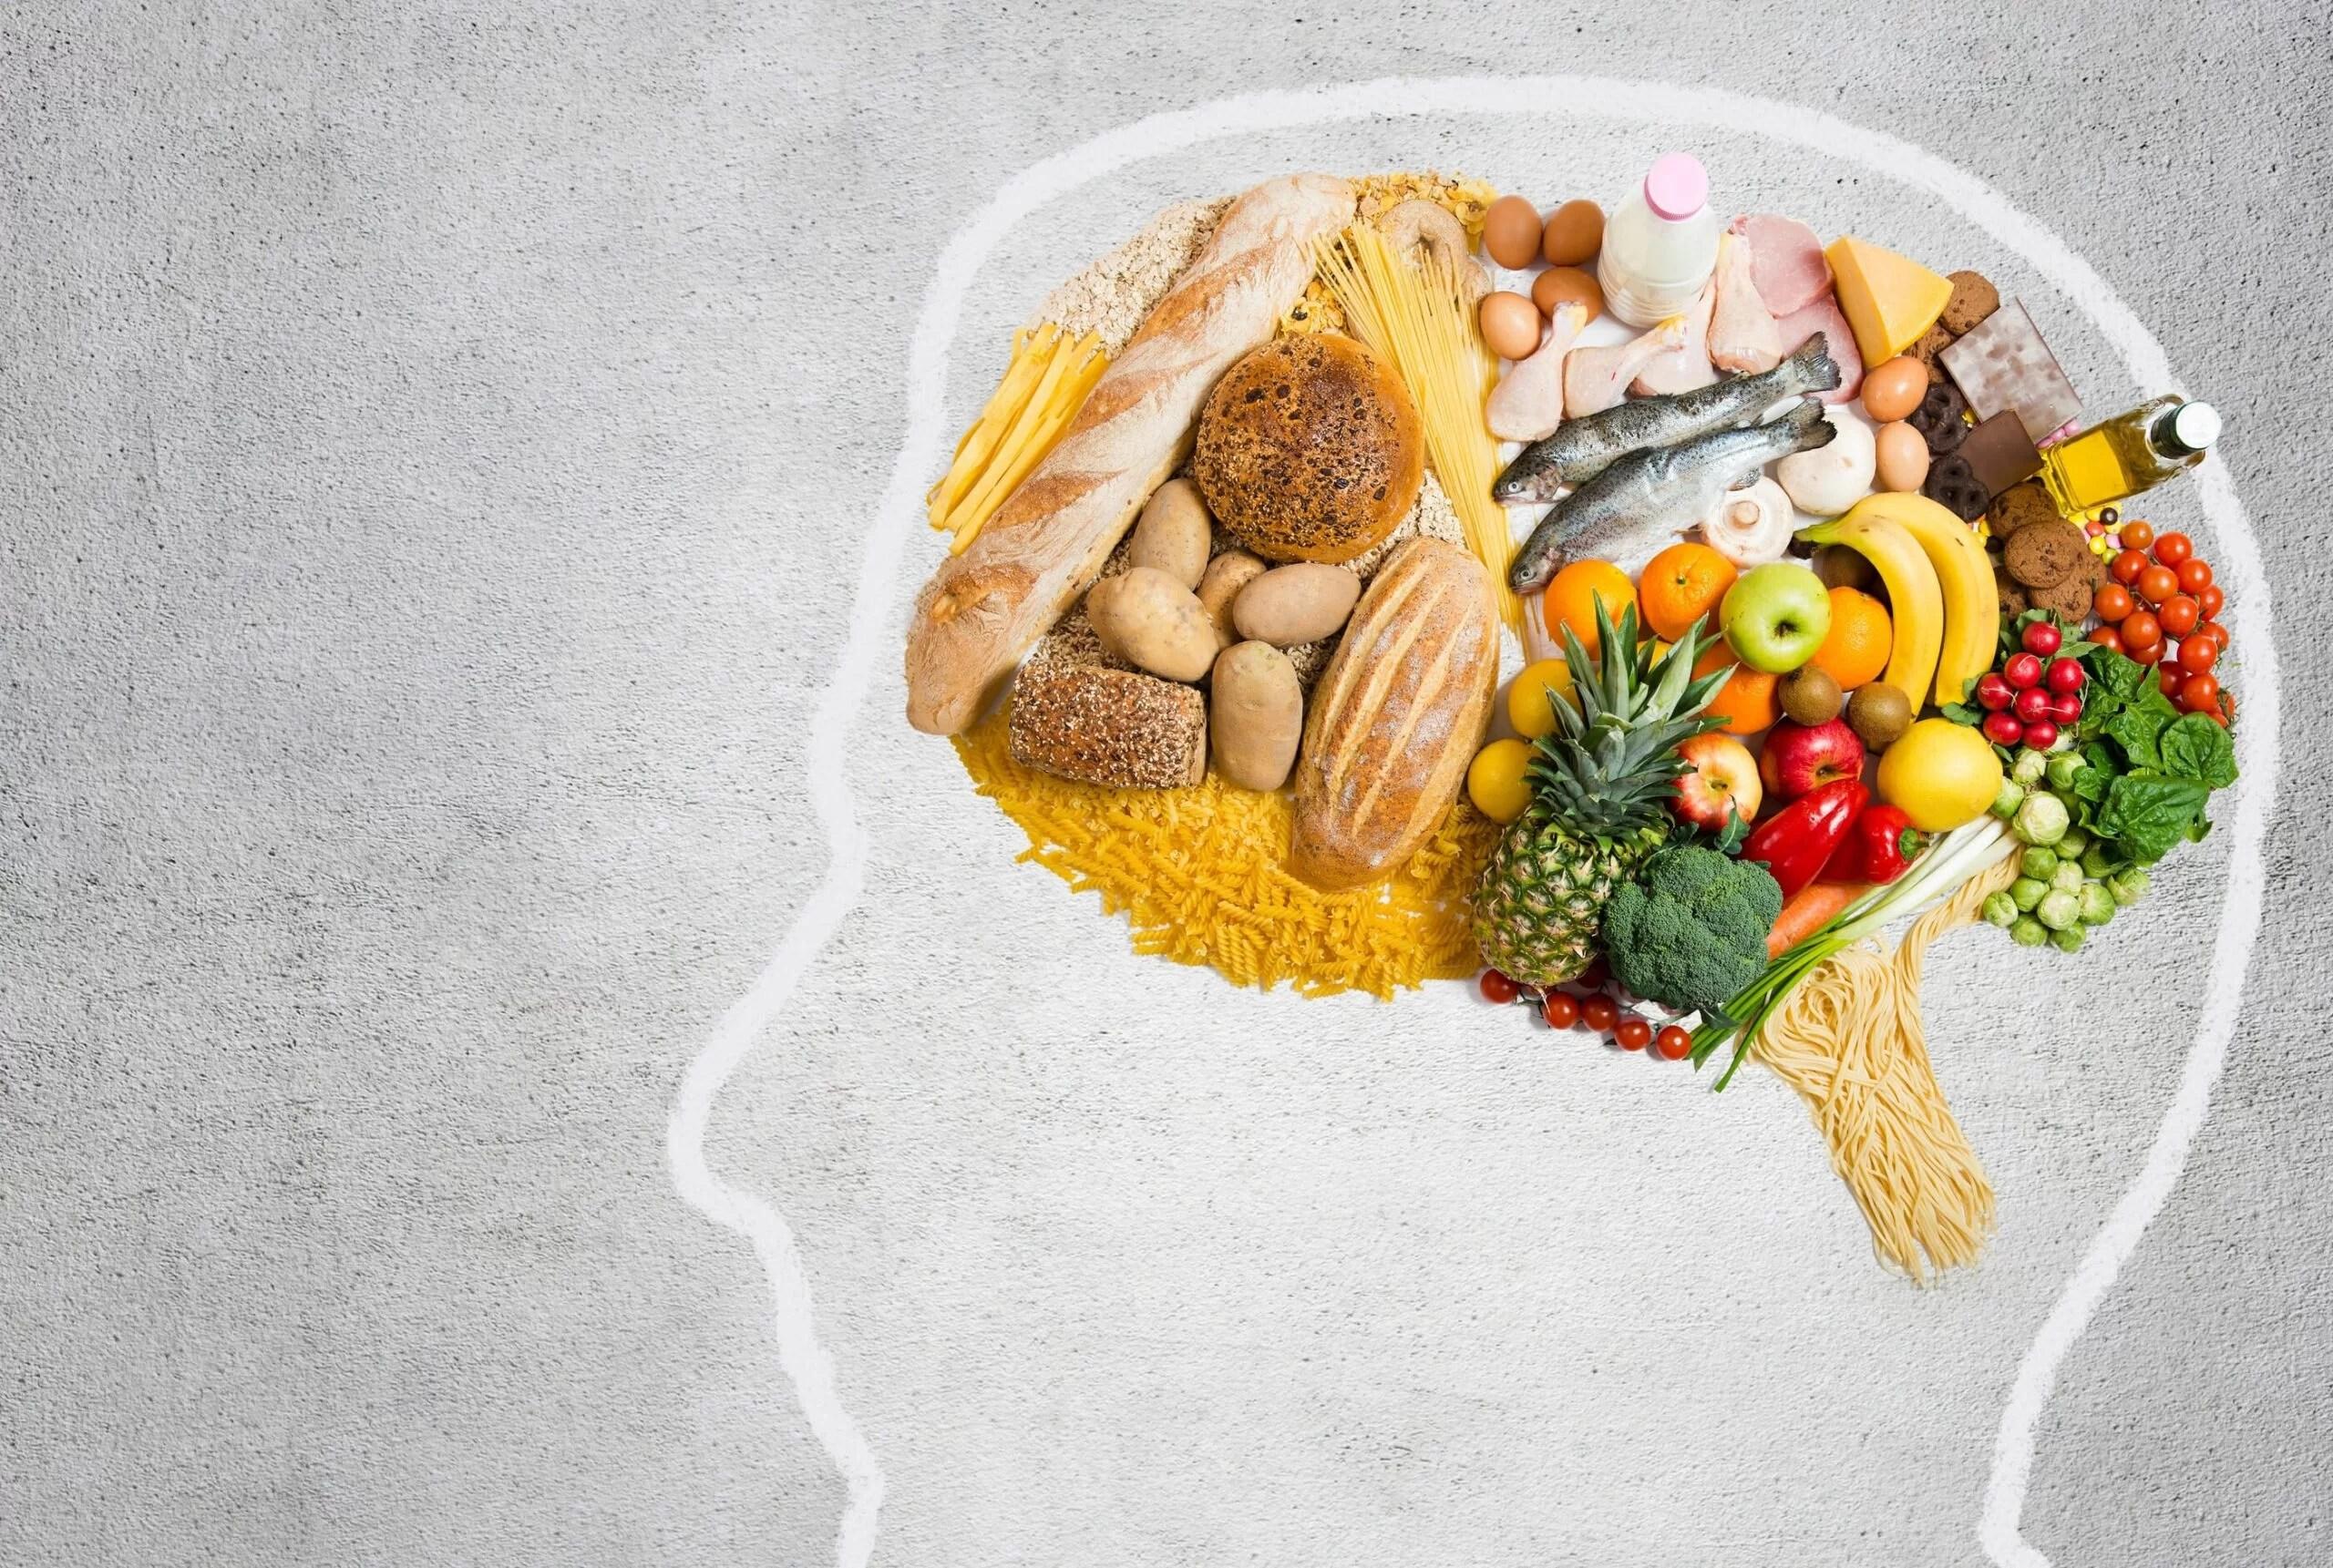 МРТ показала схожесть вкусов продуктов